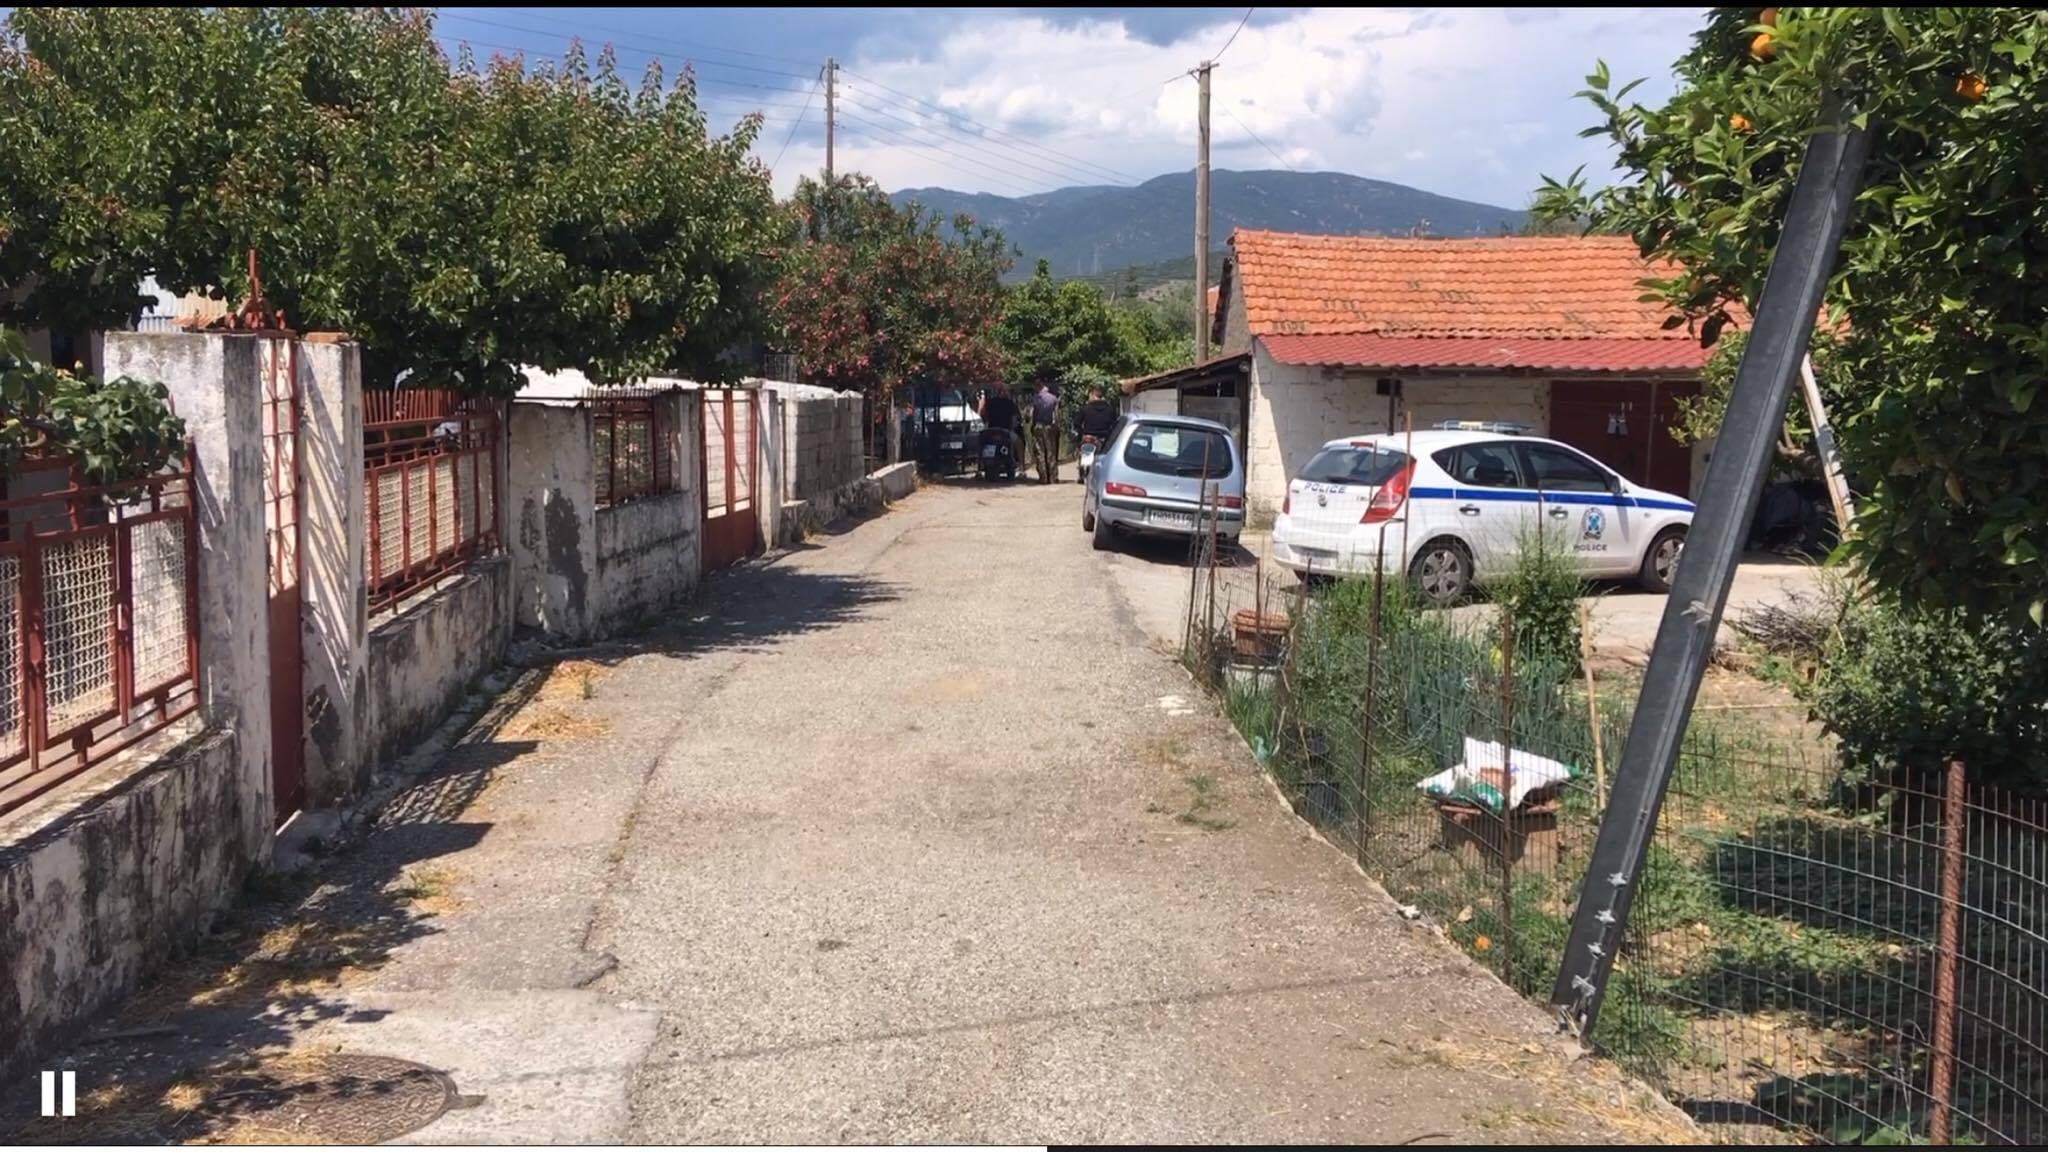 50χρονος αστυνομικός από τη Μανάγουλη Αυτοκτόνησε με το υπηρεσιακό του περίστροφο